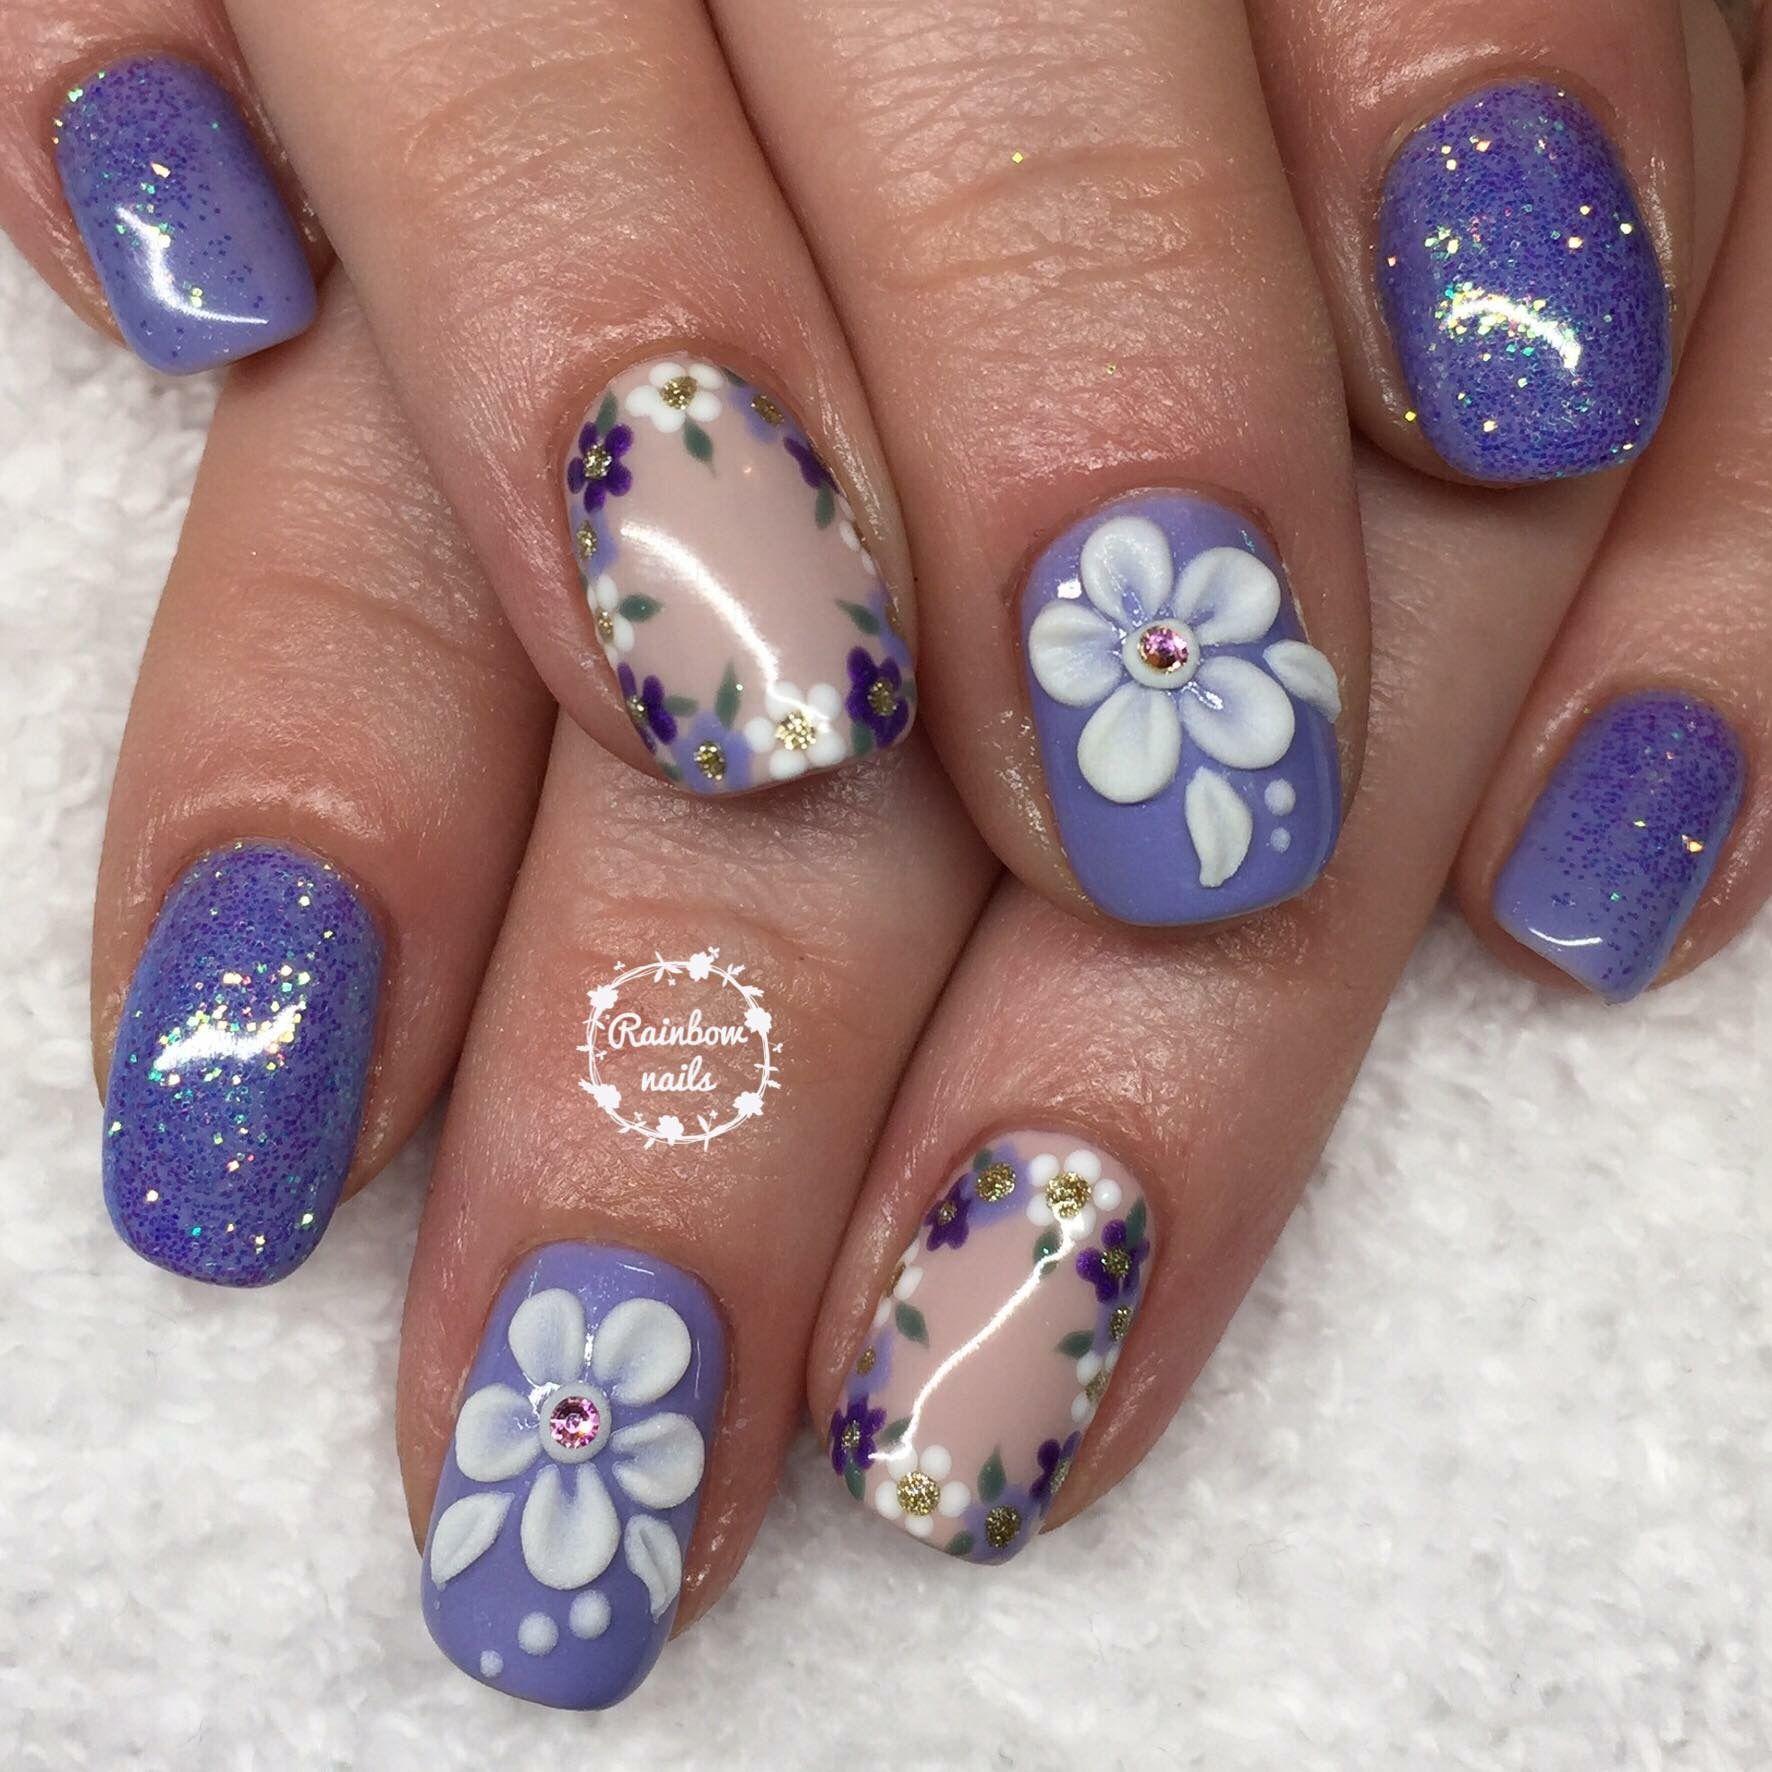 Pin By Karen Meyer On Nail Designs Pinterest Girls Nails